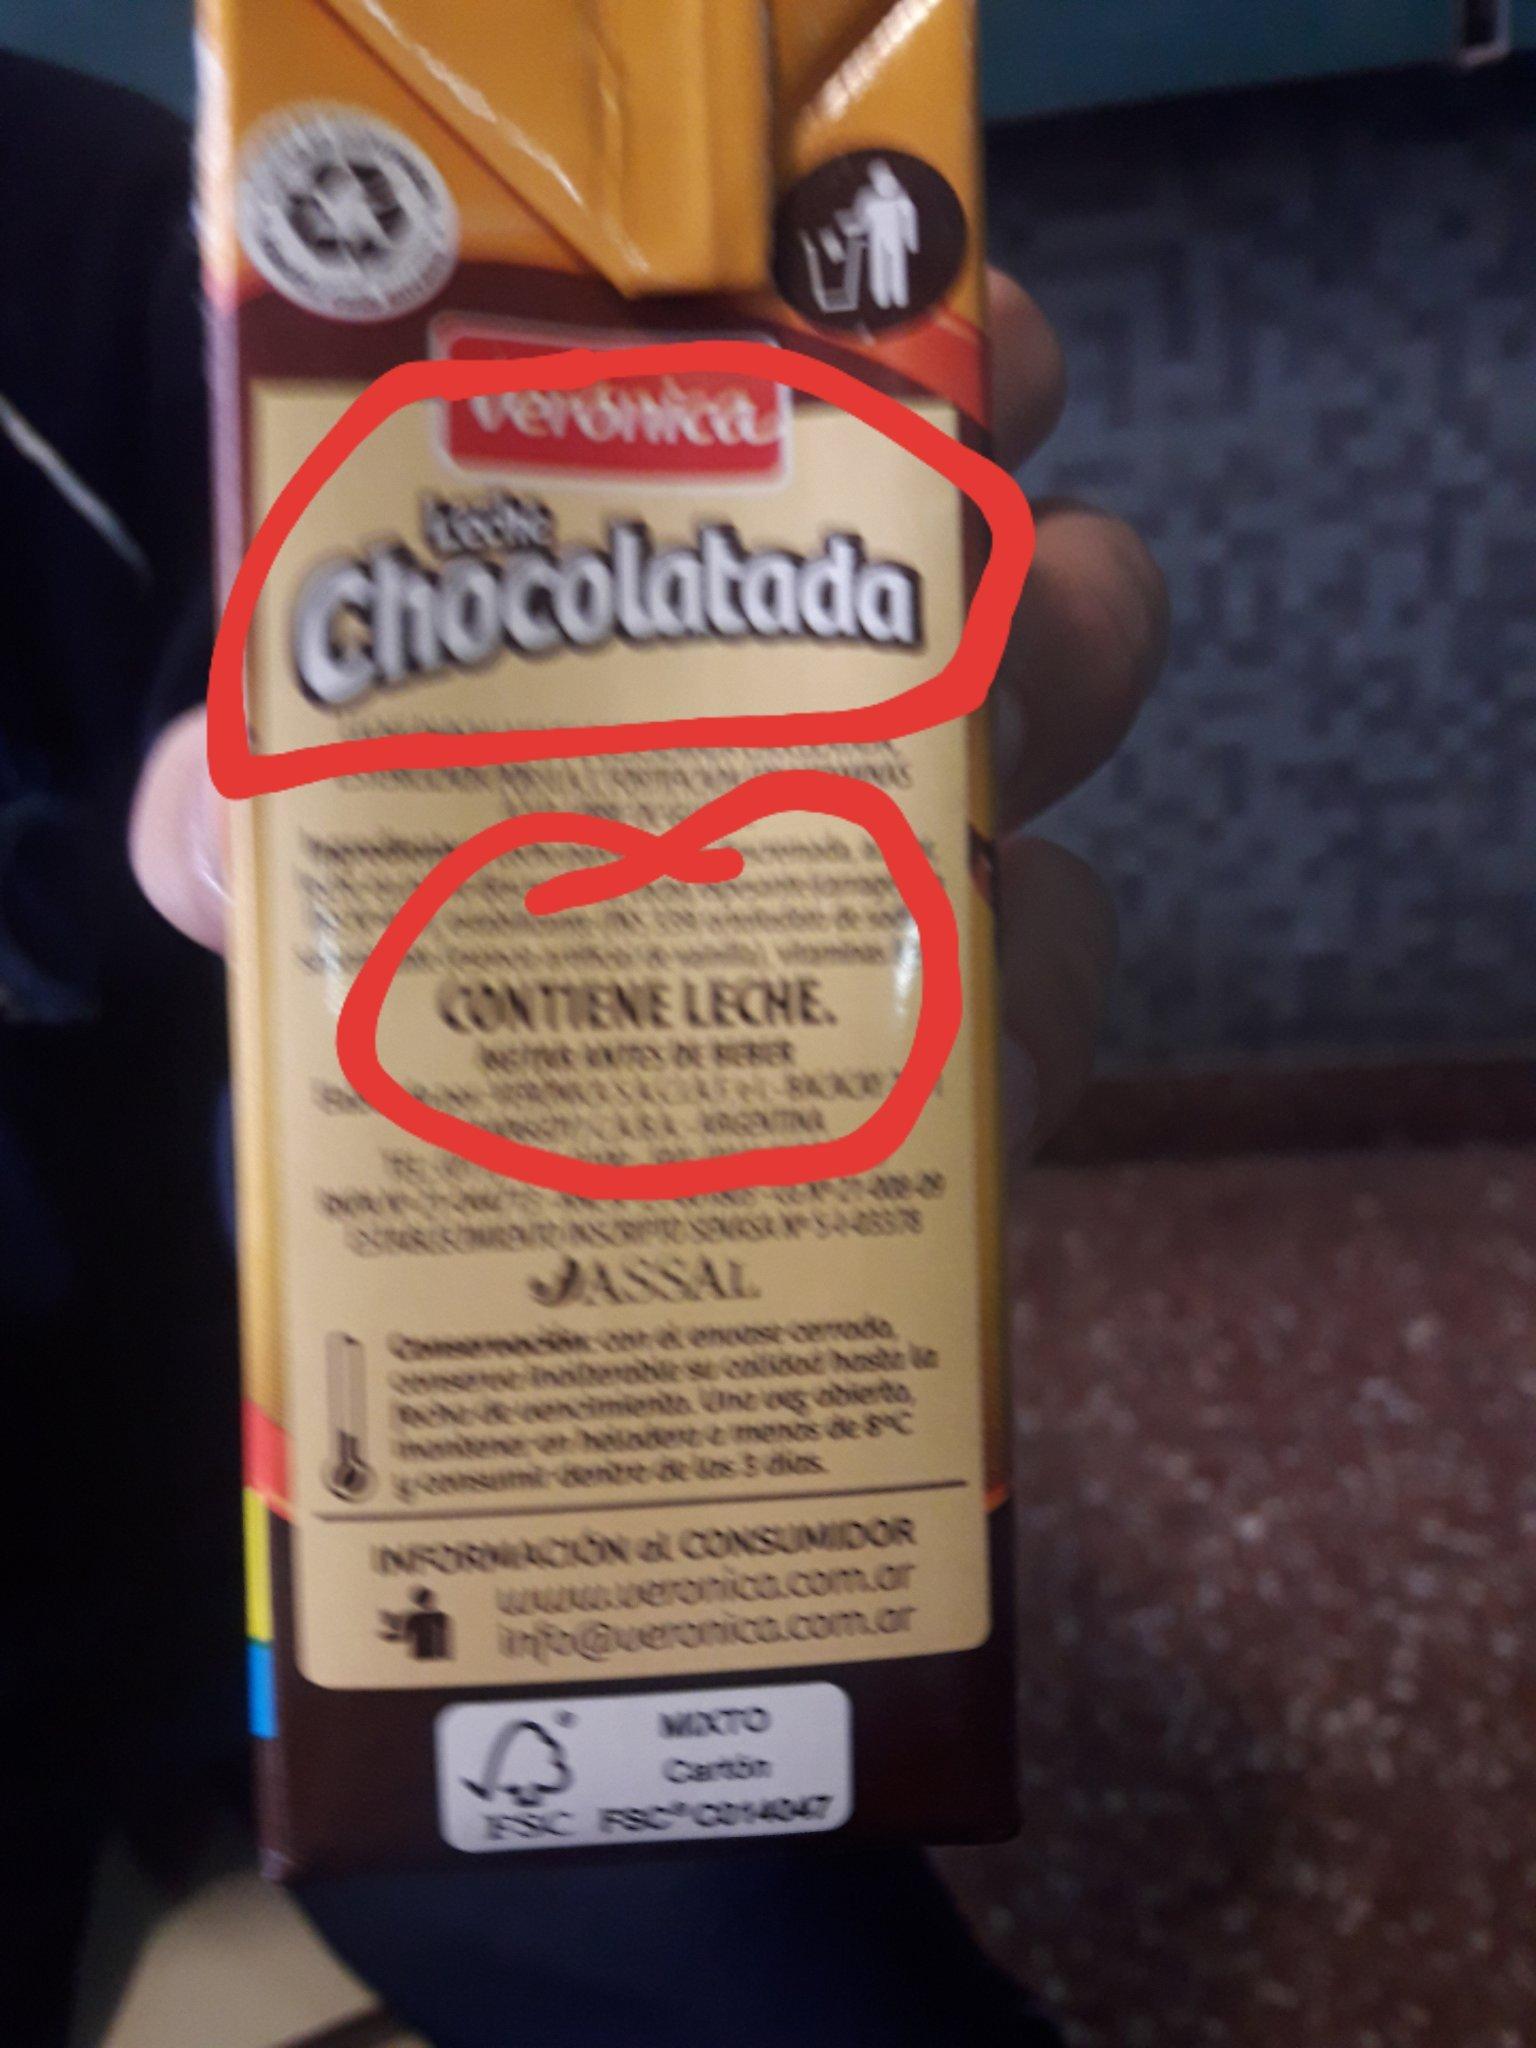 No en serio pensé que era leche chocolatada sin leche - meme